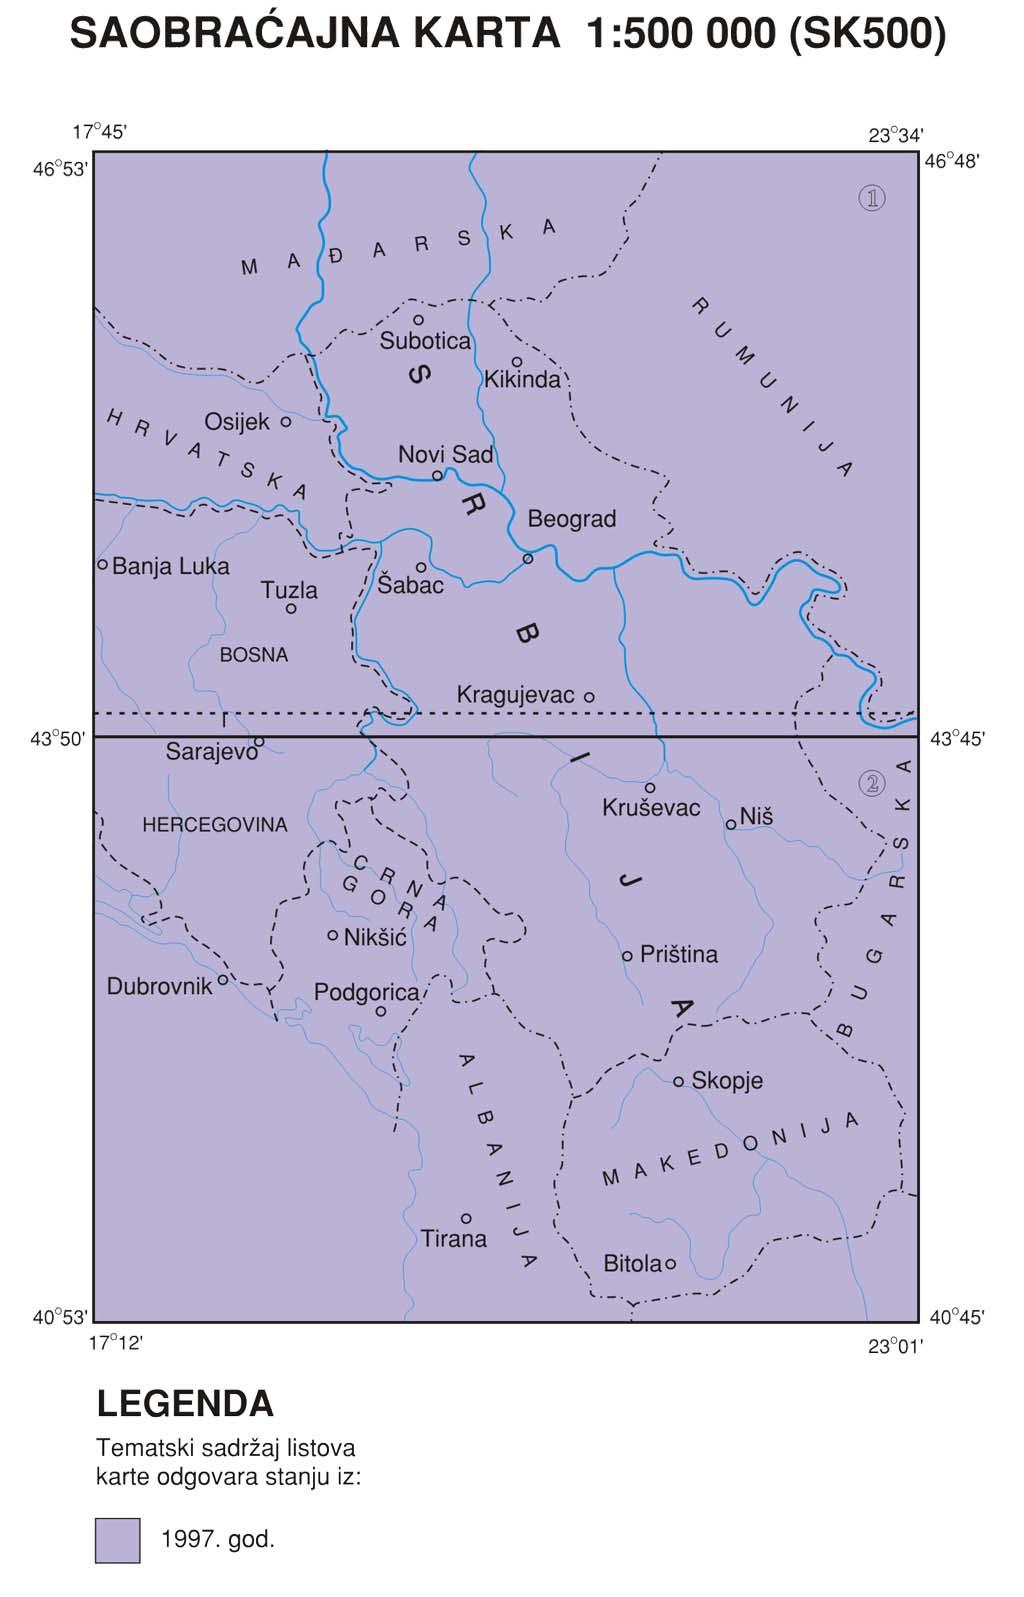 Саобраћајна карта 1:500 000 (СК500)